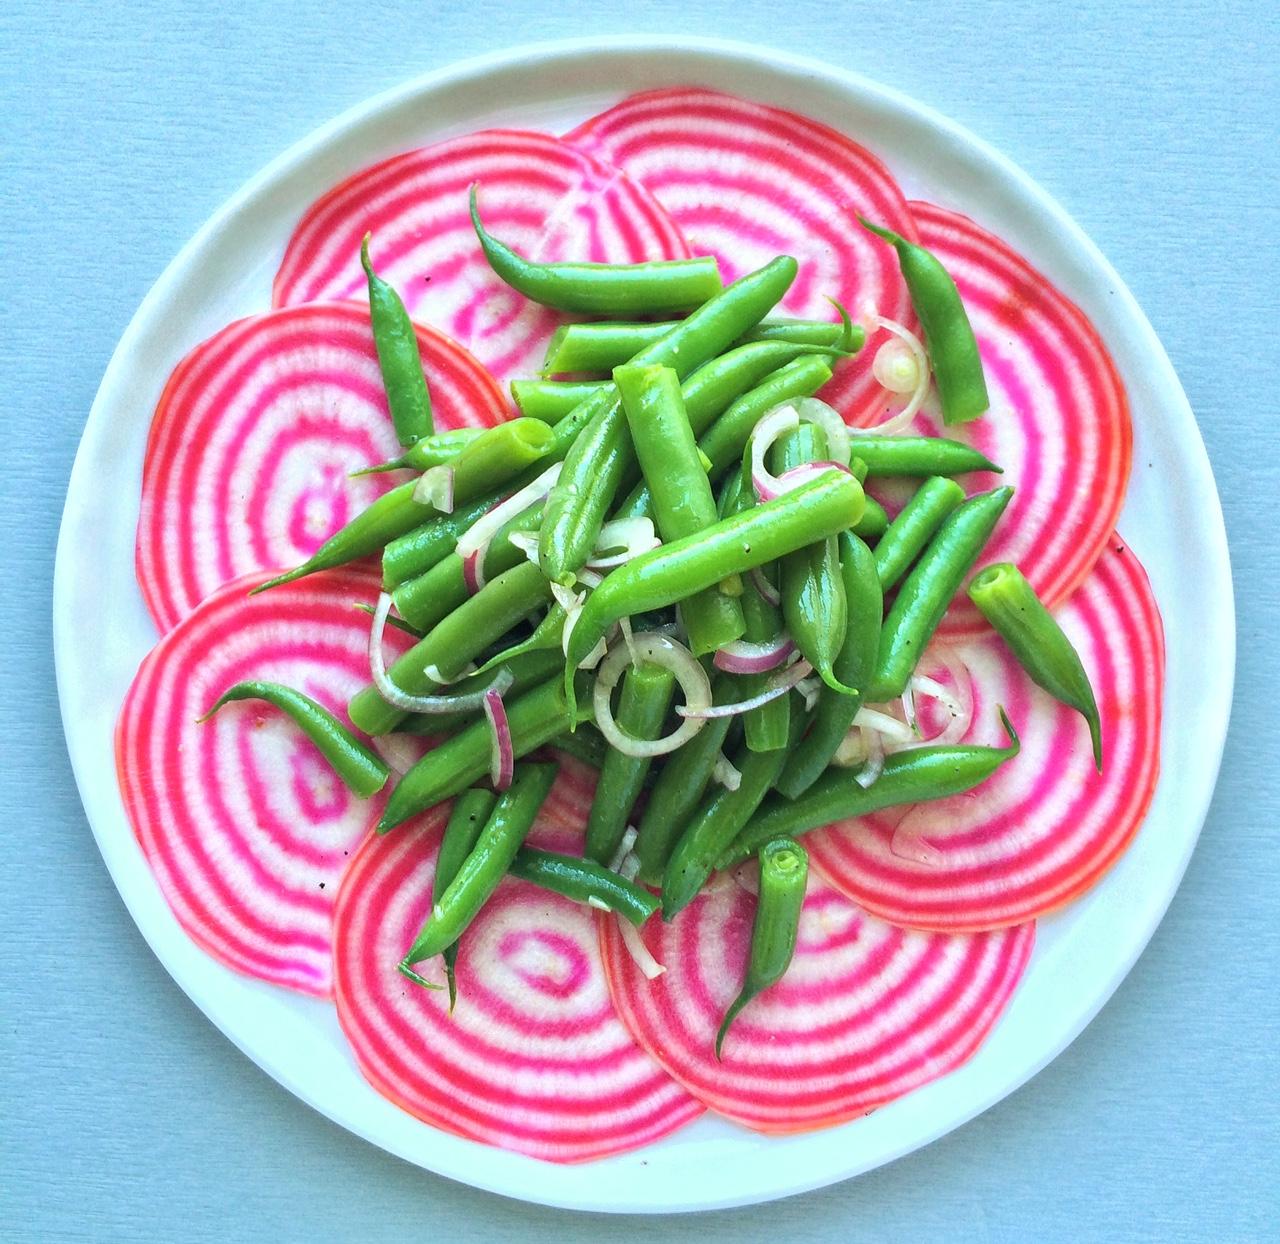 herbstlicher salat von sattgr nen gartenbohnen und rote ringelbeete schmeck den s den. Black Bedroom Furniture Sets. Home Design Ideas